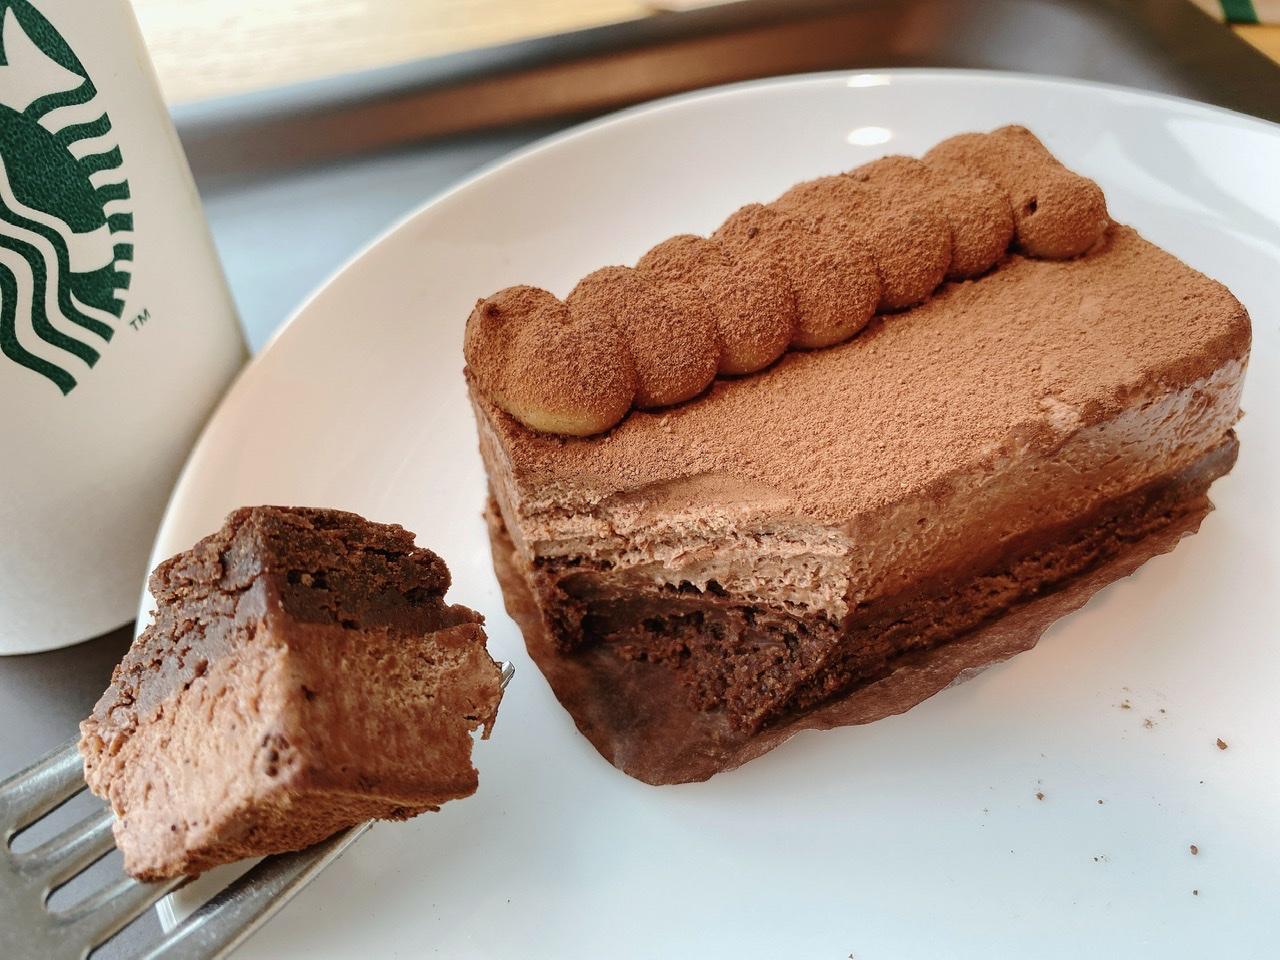 【スタバ】絶対食べたい!新作バレンタインケーキ《デザート ザ ショコラ》が超絶美味♡_4